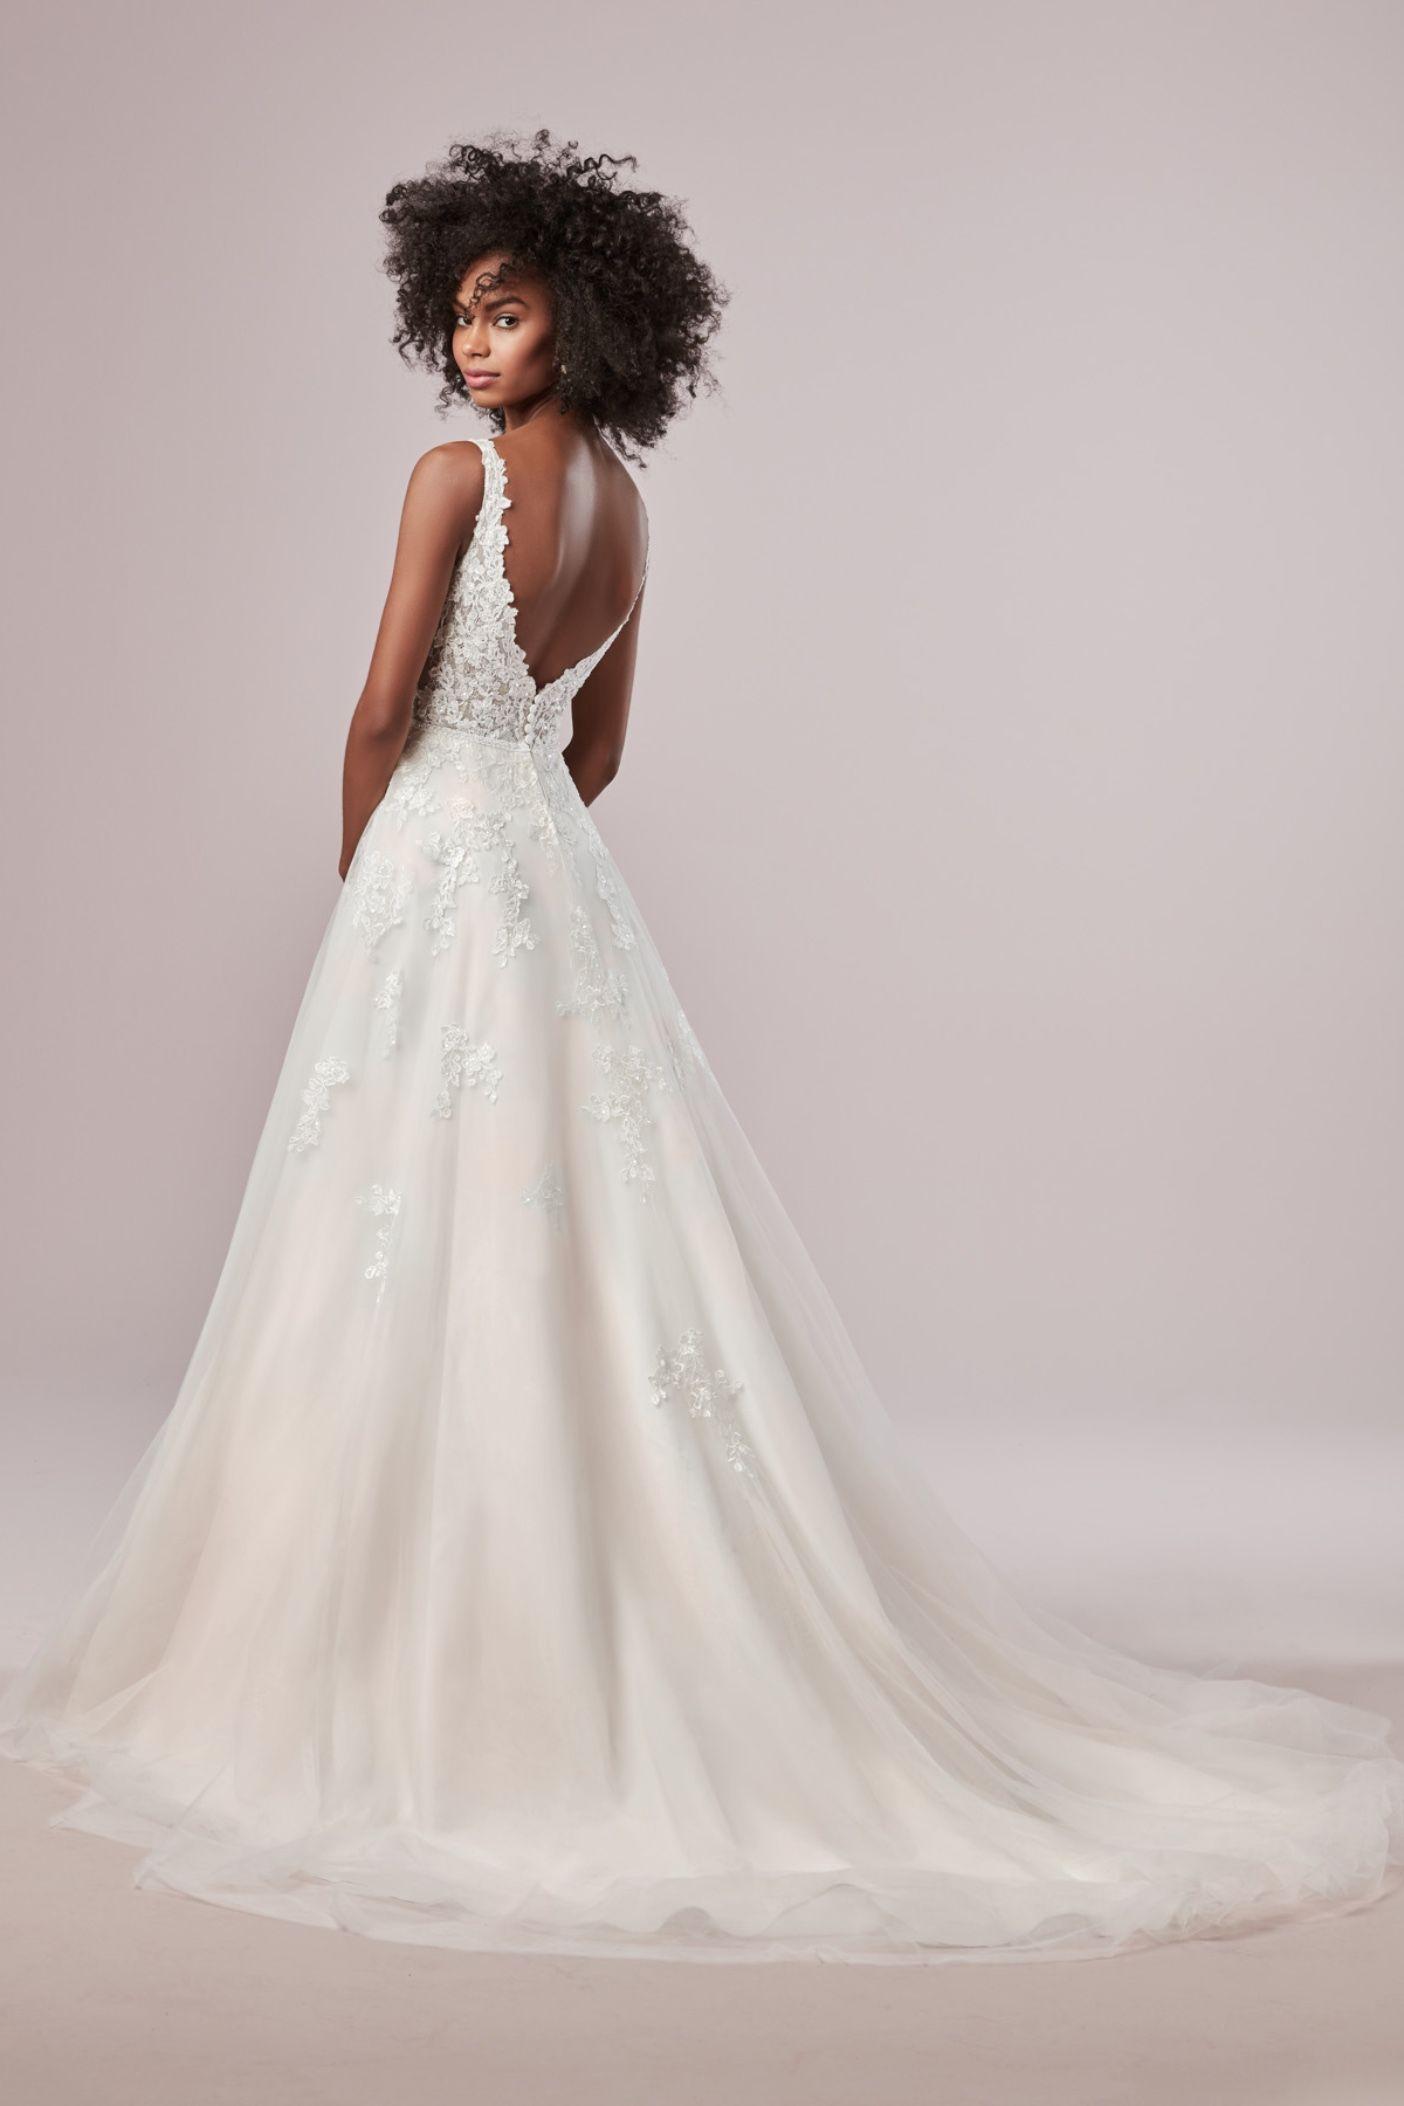 Miriam Rose Hochzeitskleid Kleid Hochzeit Hochzeitskleid Bunt